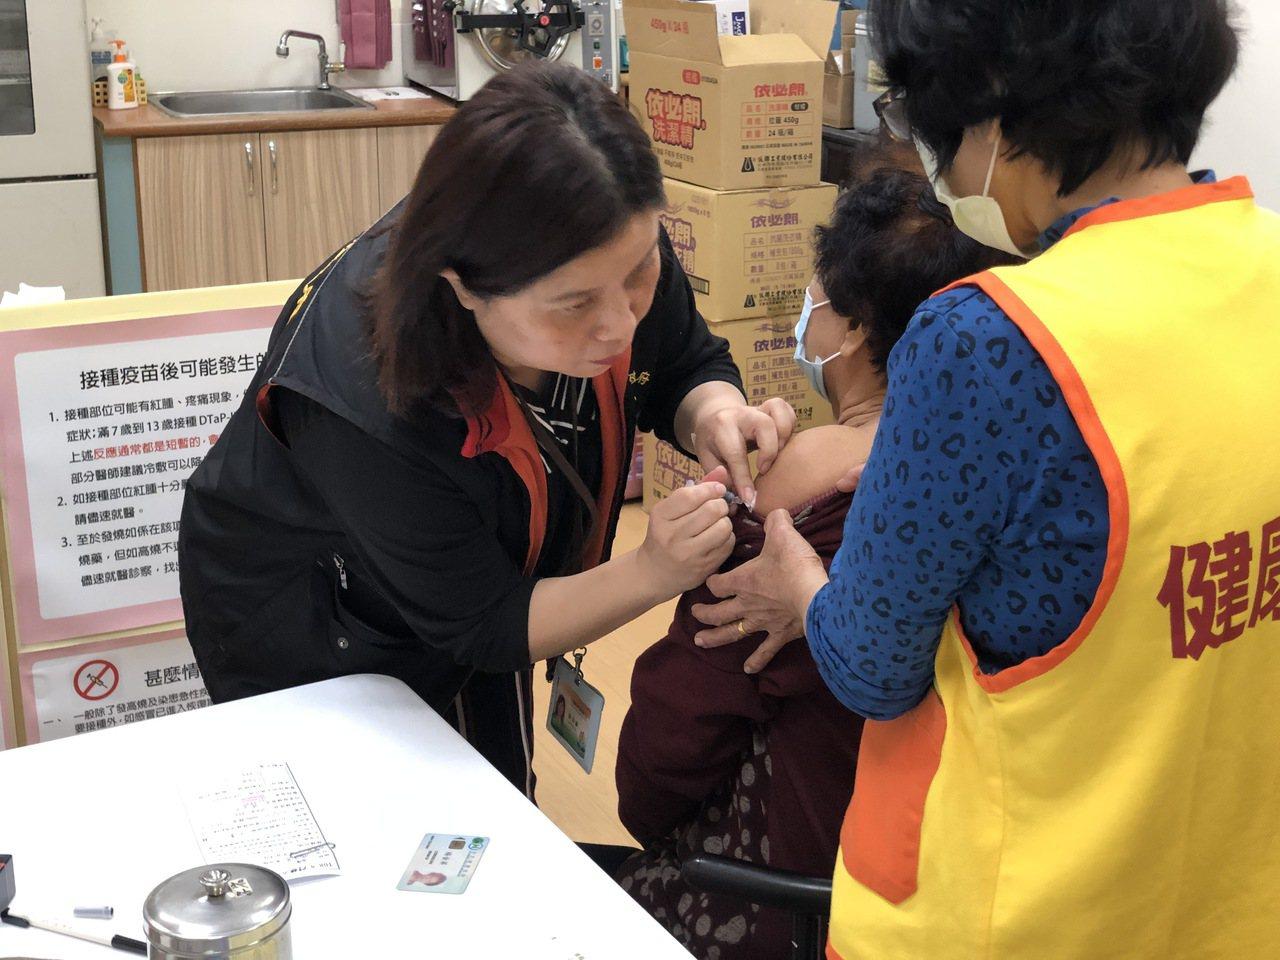 公費流感疫苗第二階段於今天開始施打,花蓮縣衛生局提醒,家裡若有6個月以上至入學前...